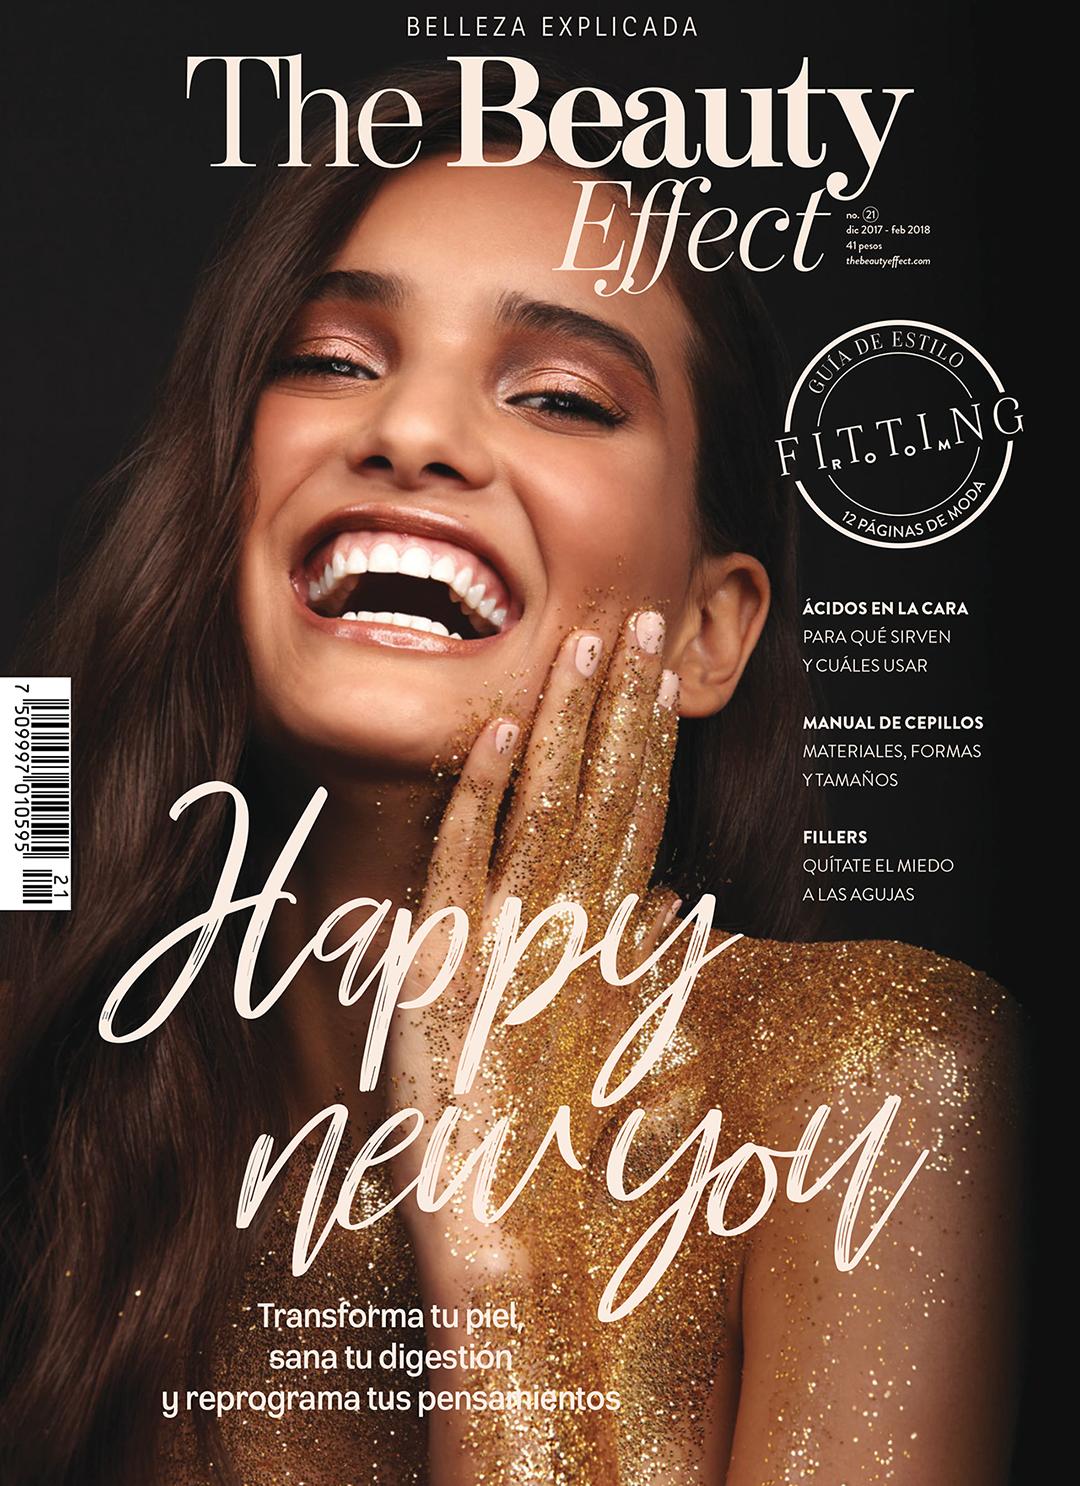 Ana Paula Bernal covers The Beauty Effect